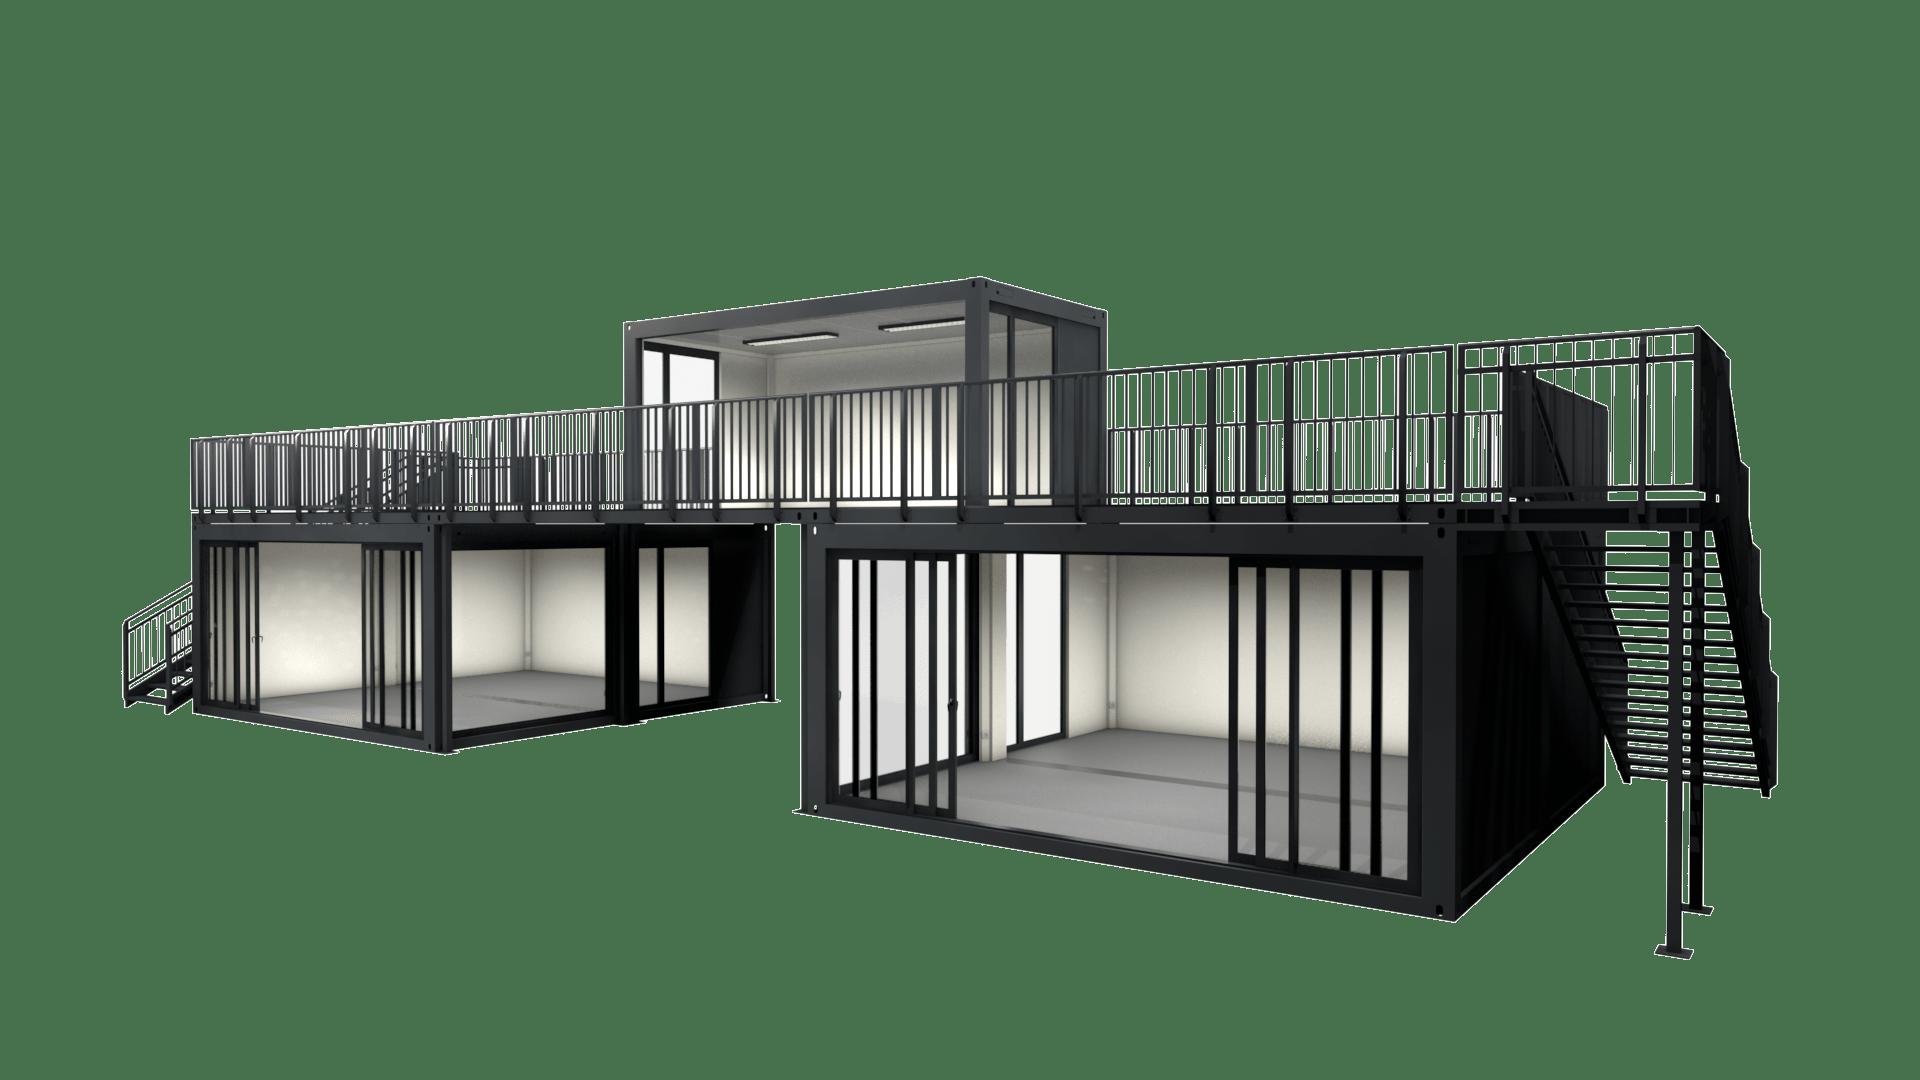 Container Modul M 26 verfügt über eine Dachterasse, ein Treppenmodul und eine große Schiebetür